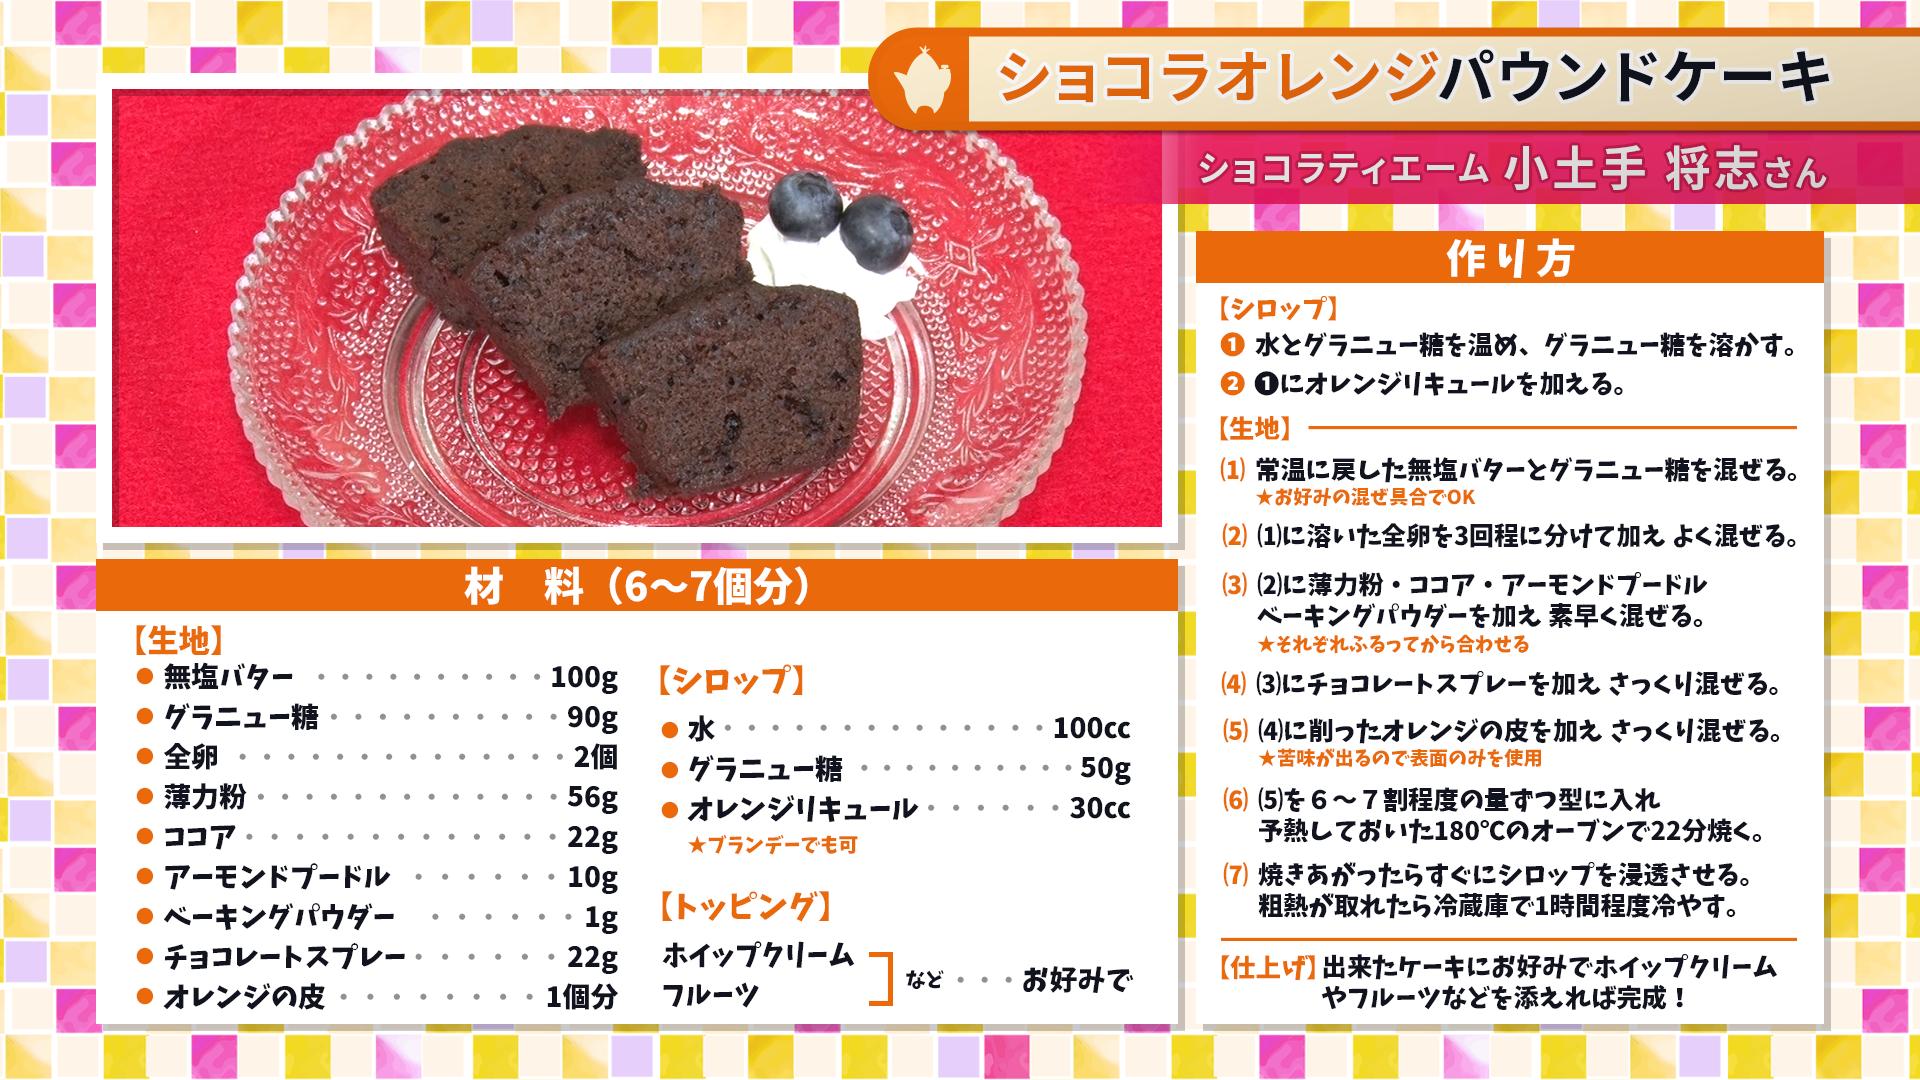 たけナビ『ショコラオレンジパウンドケーキ』レシピ(7/21初回放送)